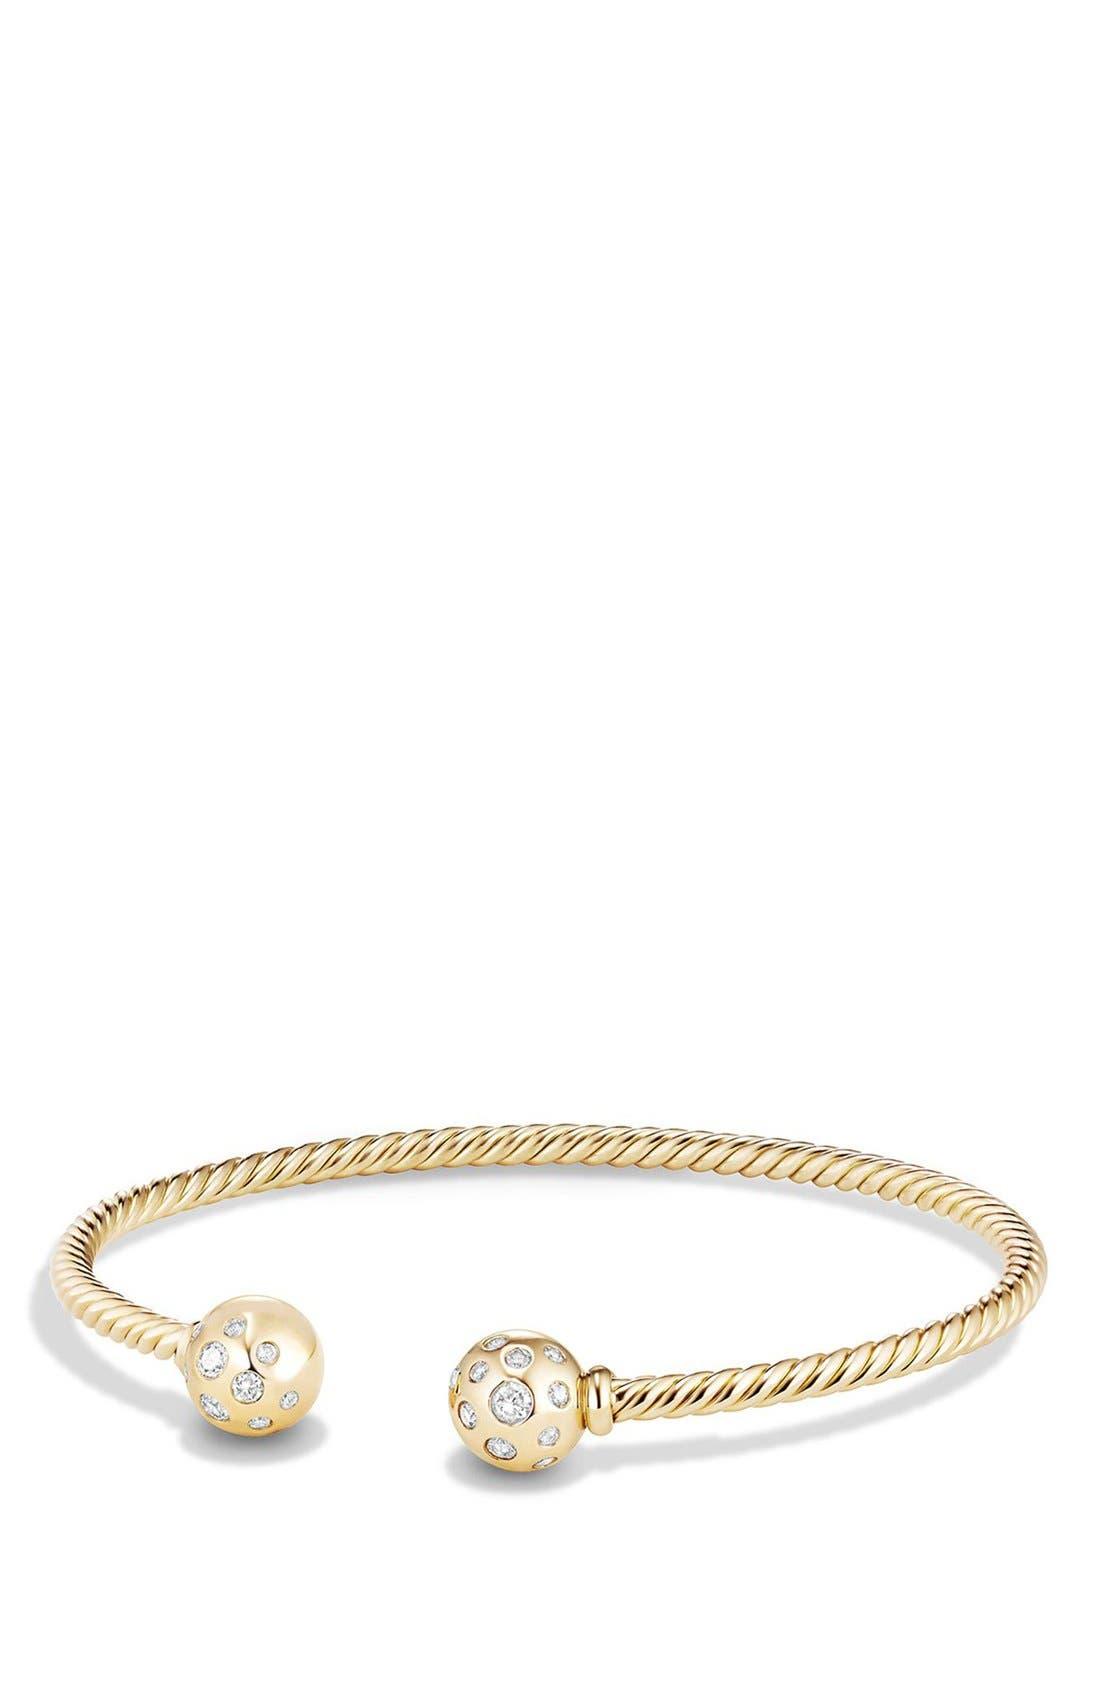 Alternate Image 1 Selected - David Yurman 'Solari' Bracelet with Diamonds in 18K Gold